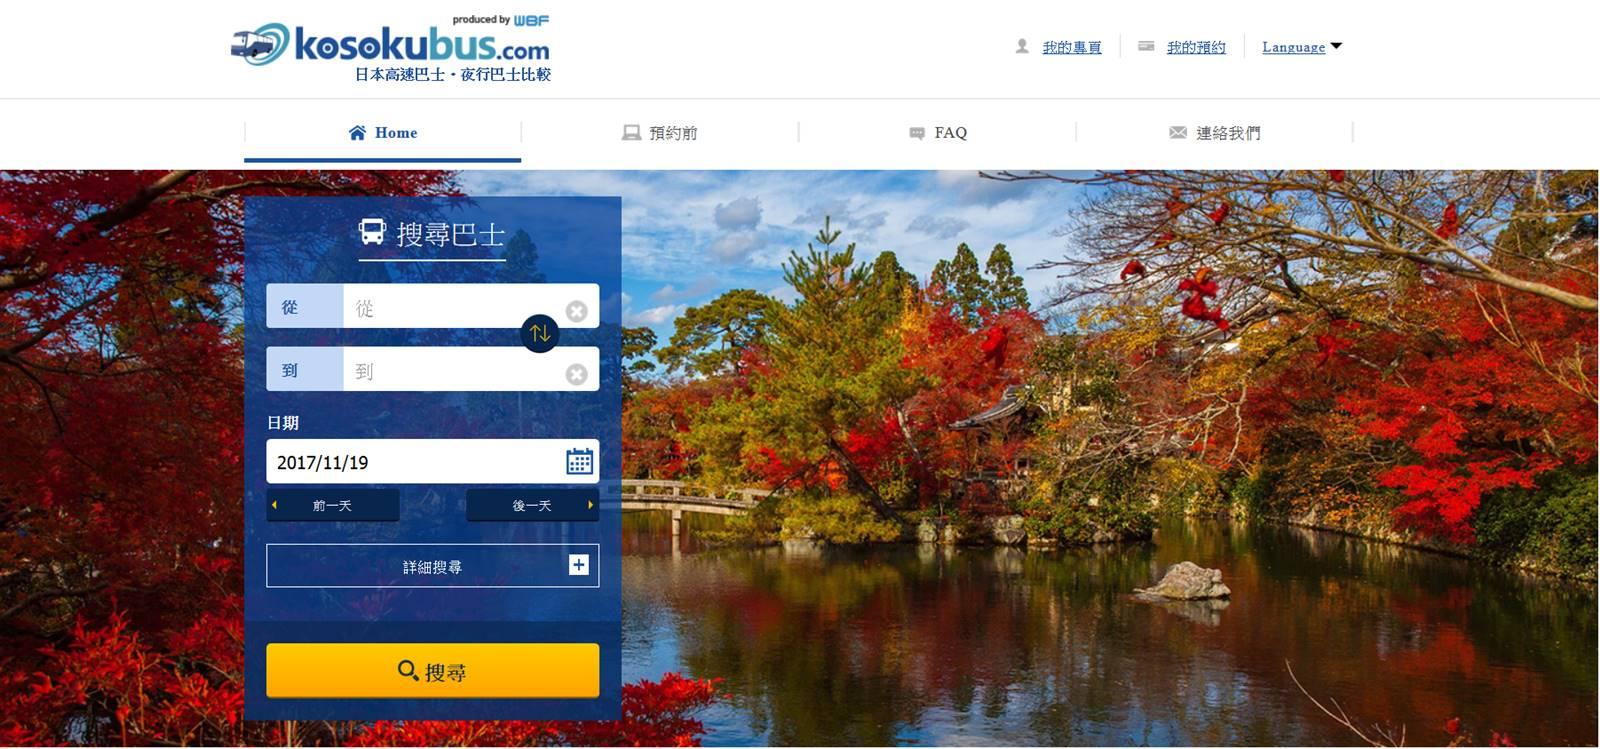 日本-交通-高速巴士-夜行巴士-比價-網站-推薦-東京-大阪-京都-名古屋-北海道-九州-沖繩-旅遊-自由行-Japan-Highway-Bus-Transport-Tokyo-Osaka-Kyoto-Nagoya-Hokkaido-Kyushu-Okinawa-Travel